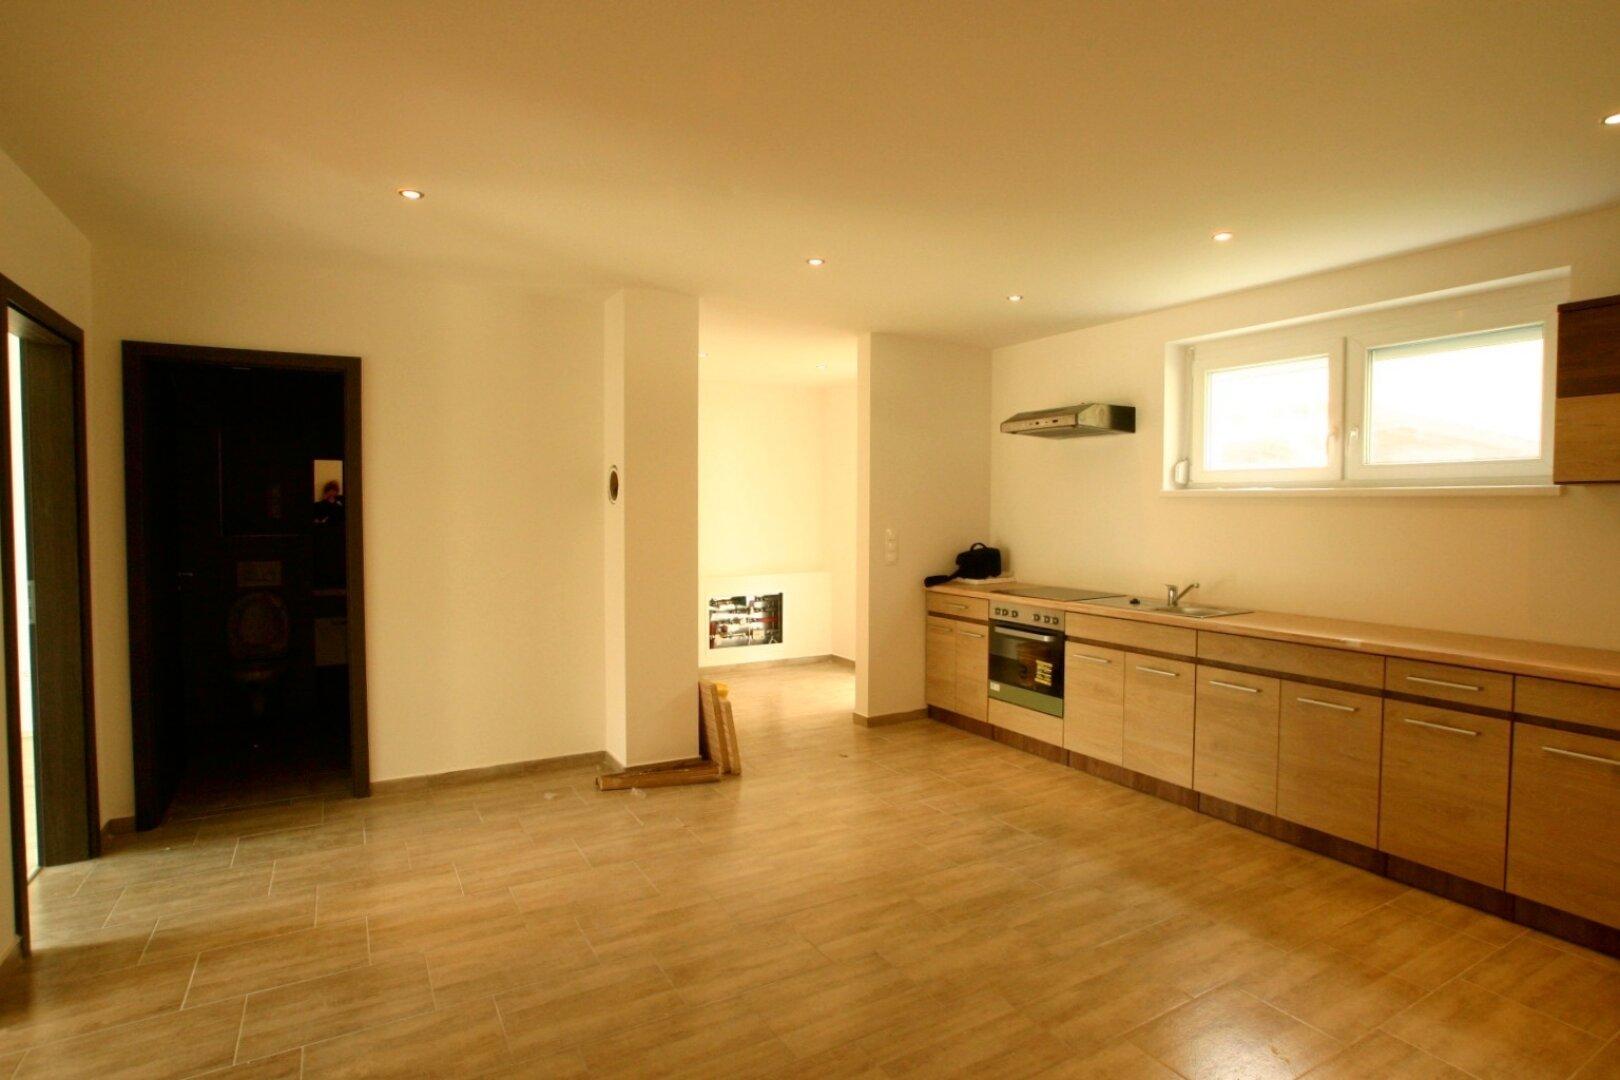 Wohnzimmer mit neuer Küche